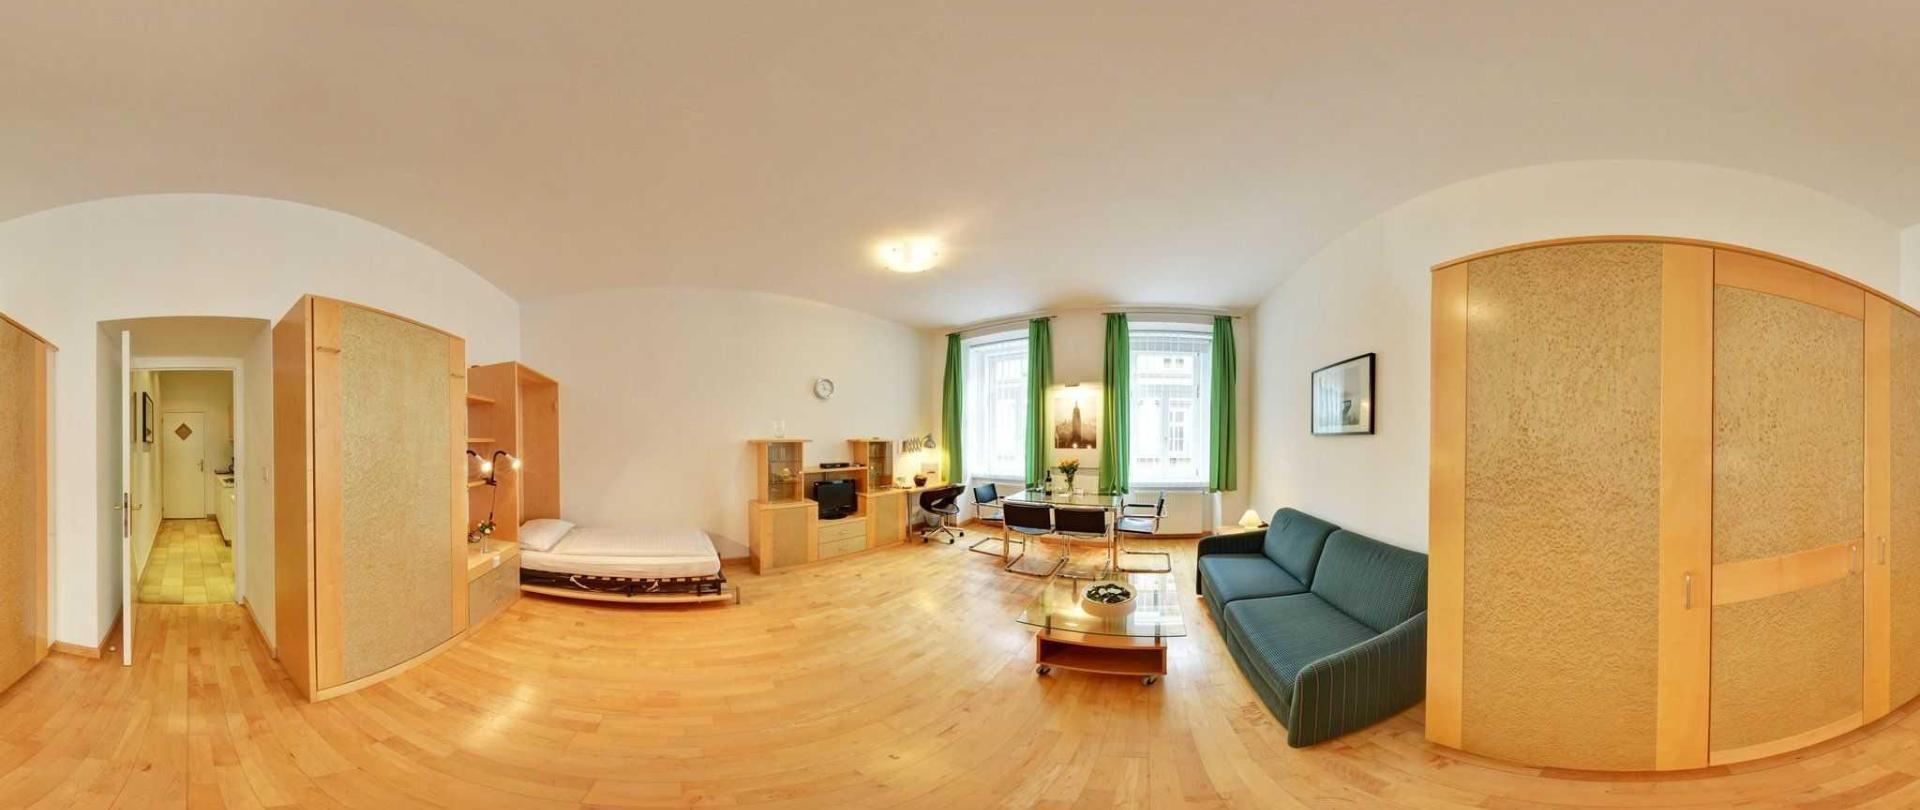 gal_apartments_vienna_zimmer_211.jpg